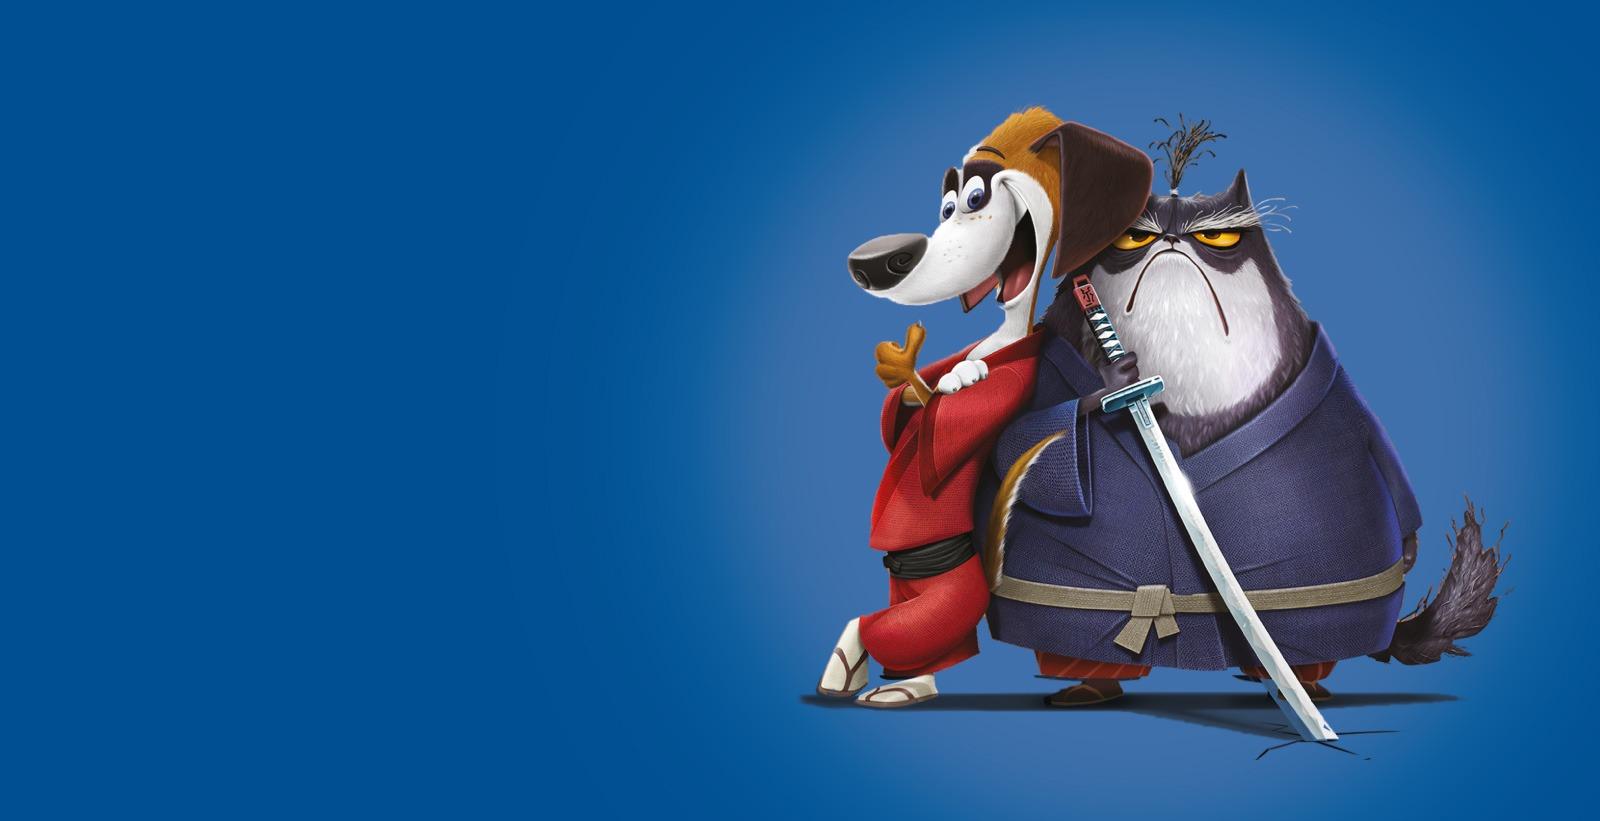 diseño de personajes - película de animación